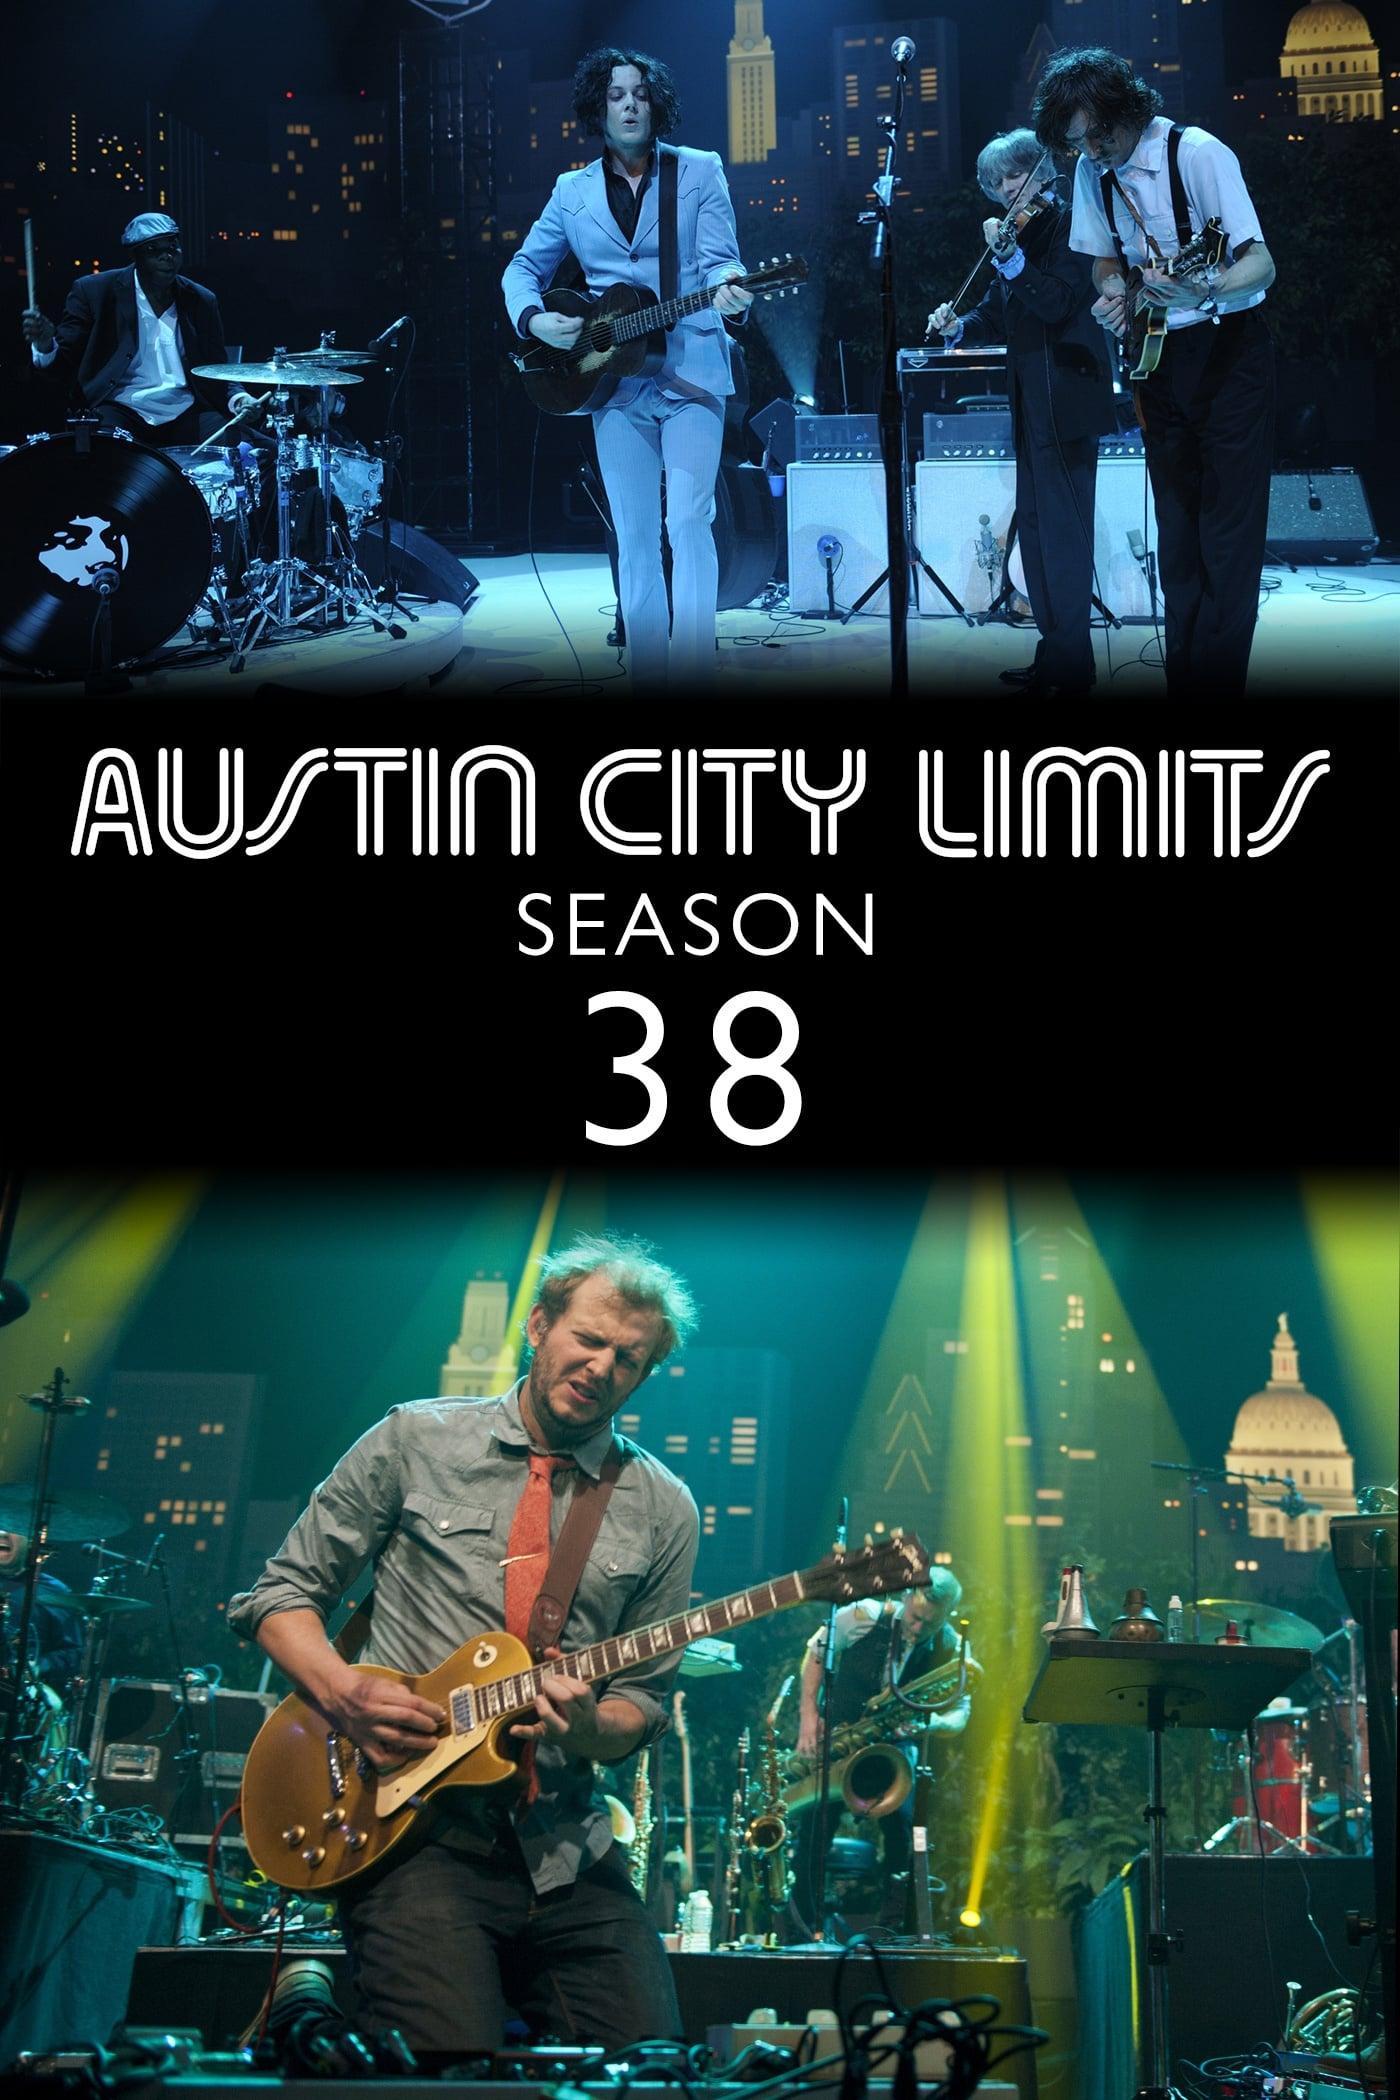 Austin City Limits Season 38